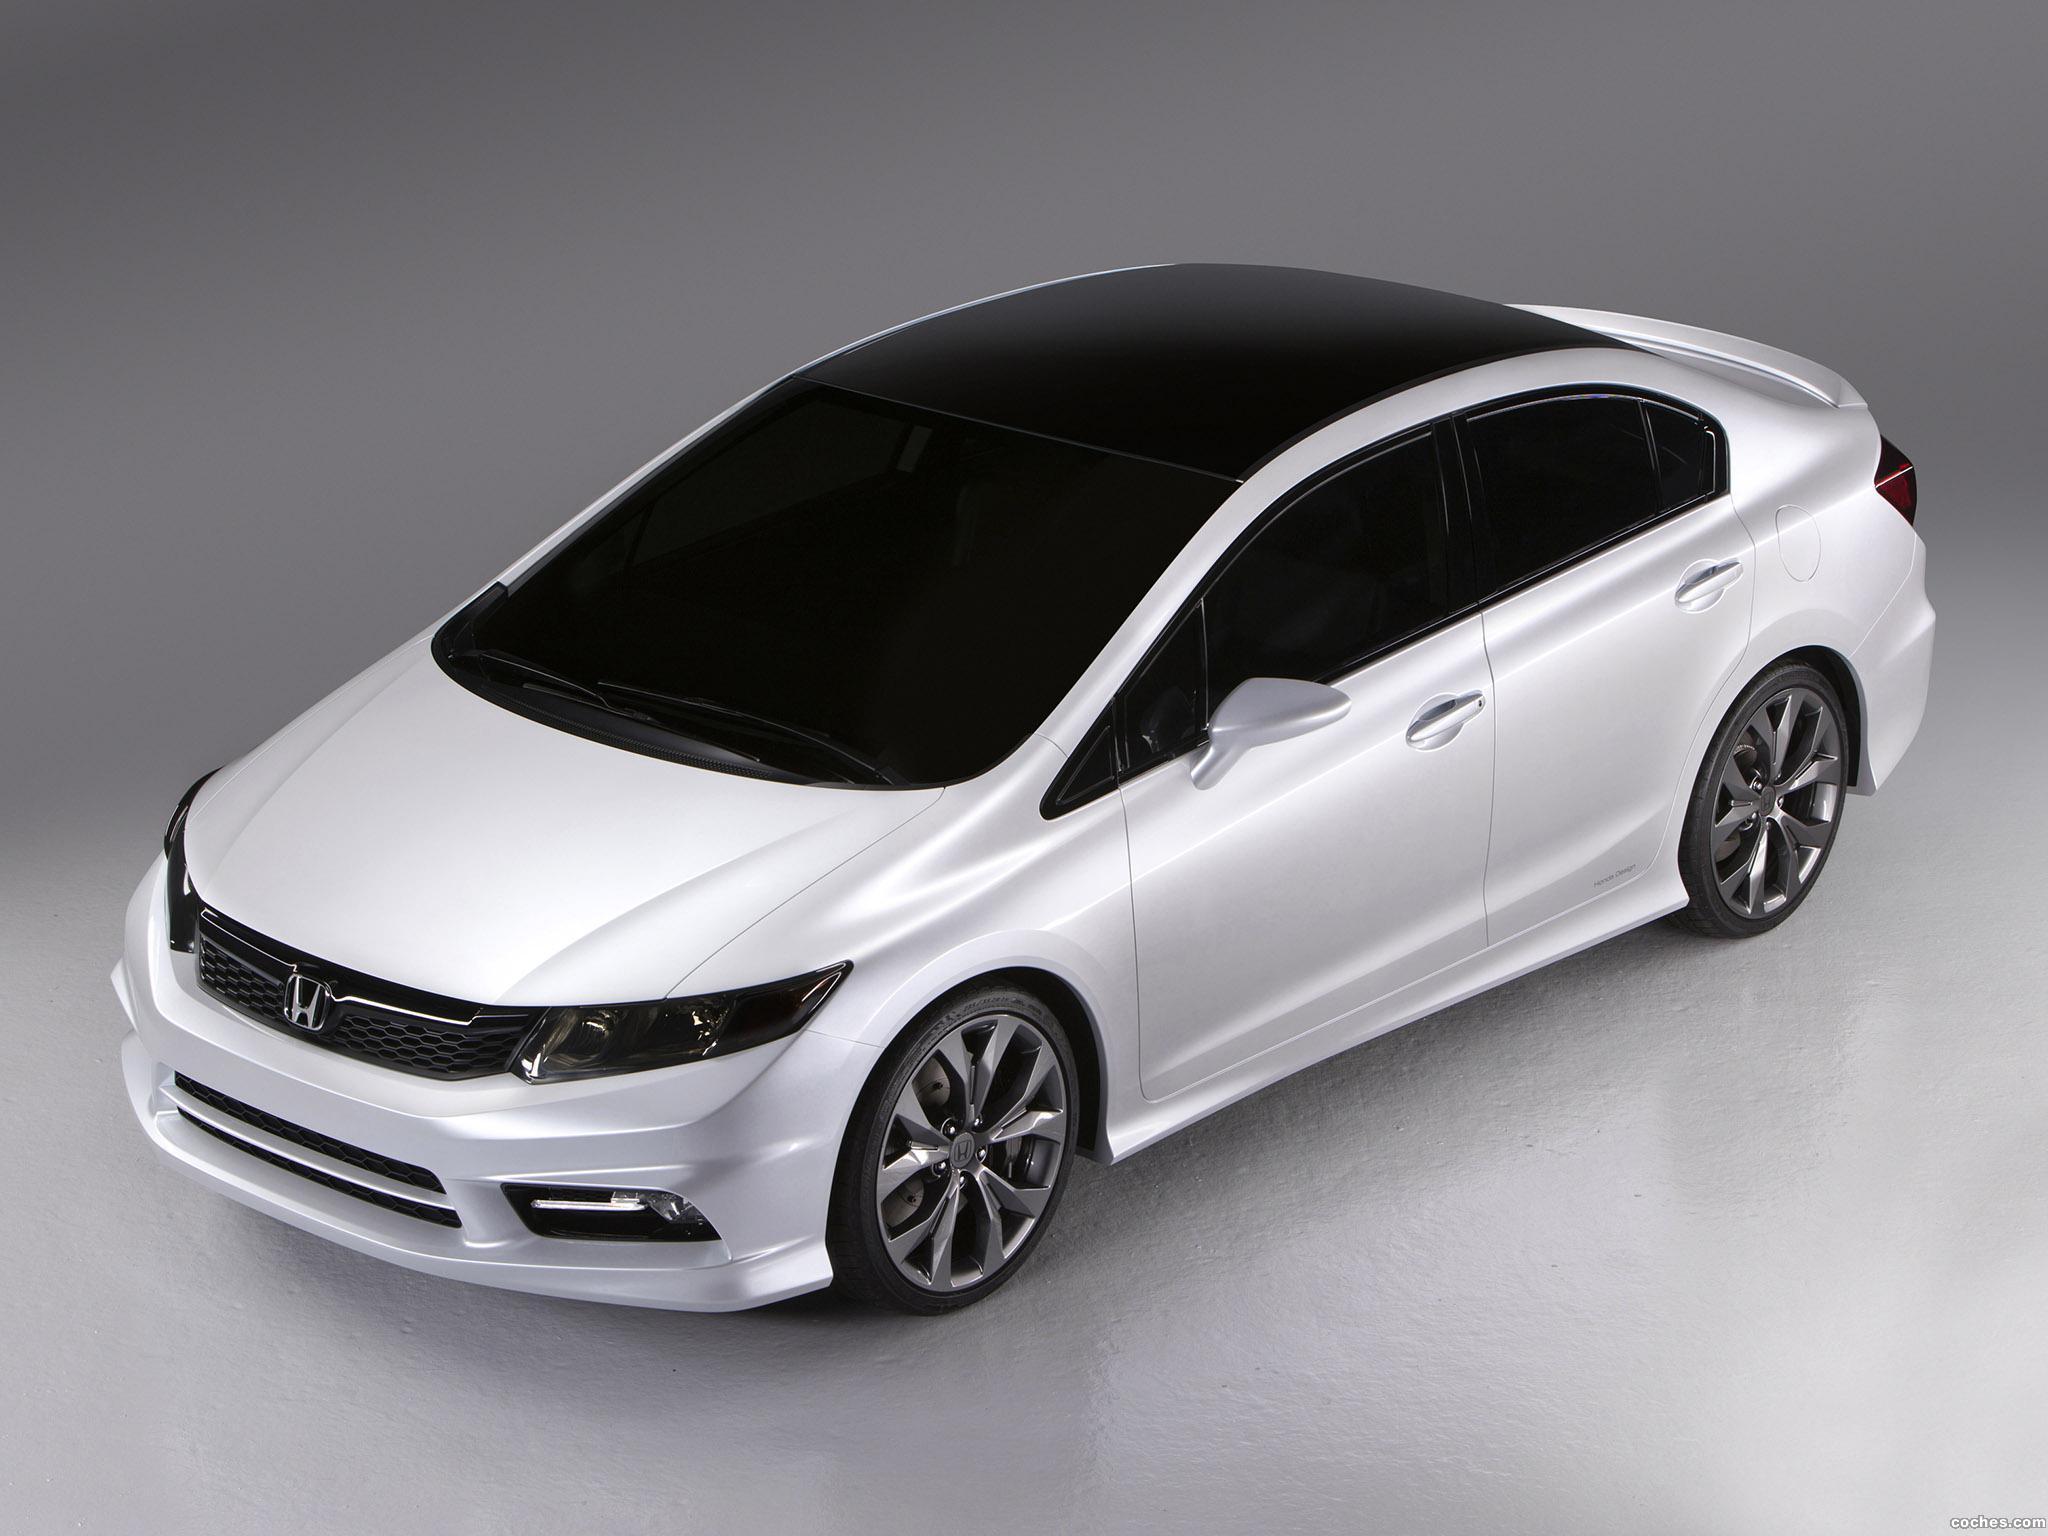 Foto 1 de Honda Civic Concept 2011